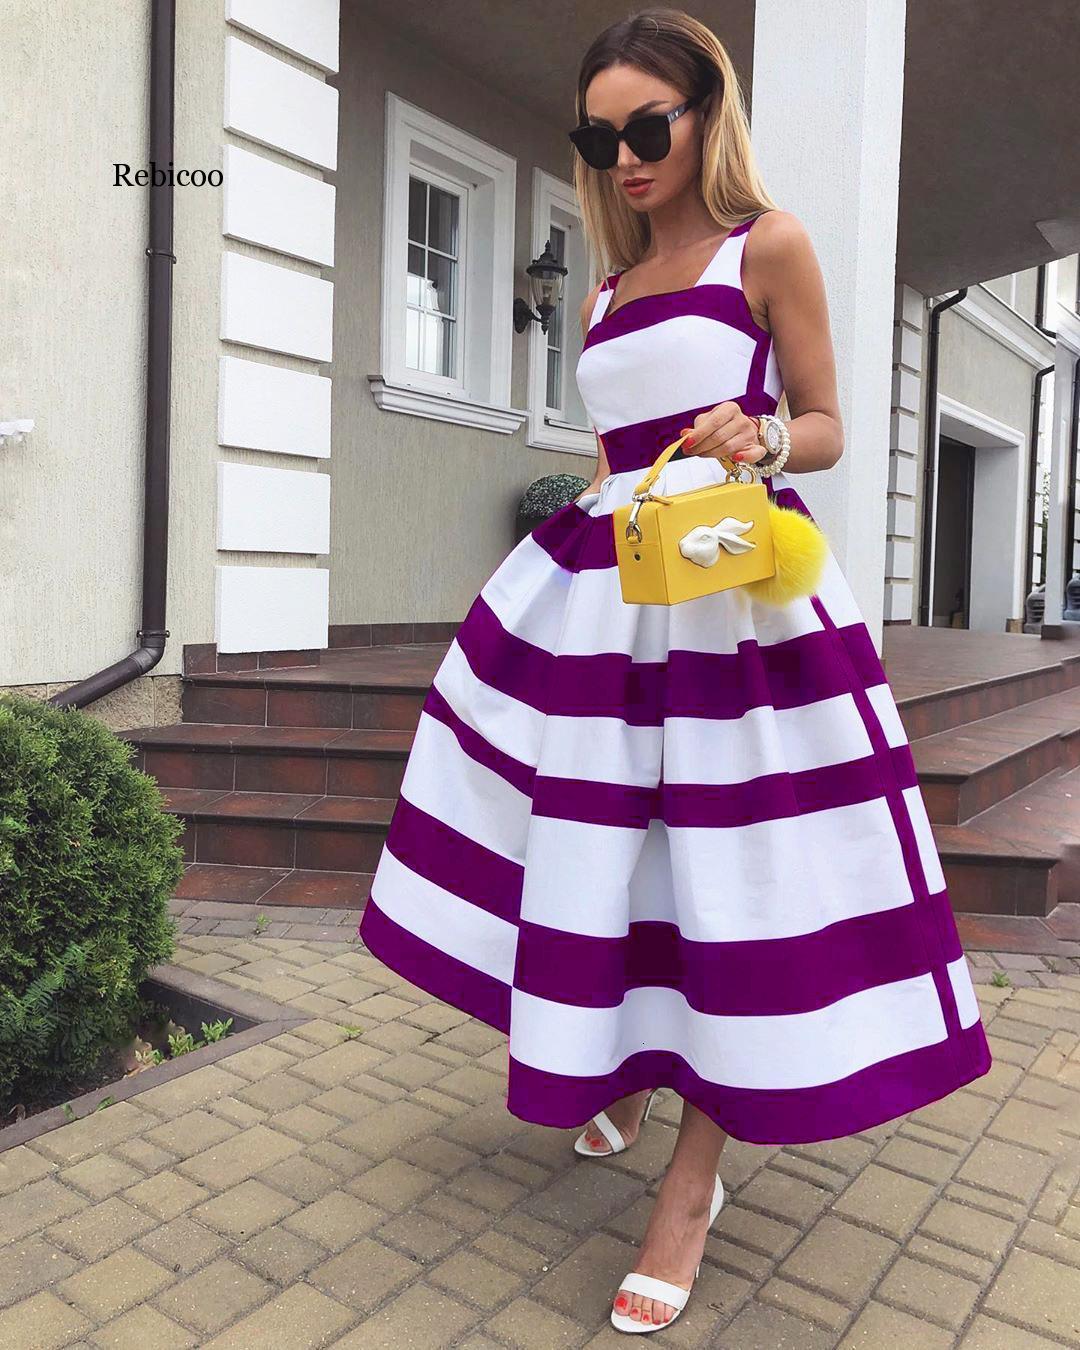 Vestido de fiesta largo hasta el té en RAYA ROJA púrpura, negro, azul, Morado, con tirantes finos, cintura estrecha, elegante, bohemio, con corte en A